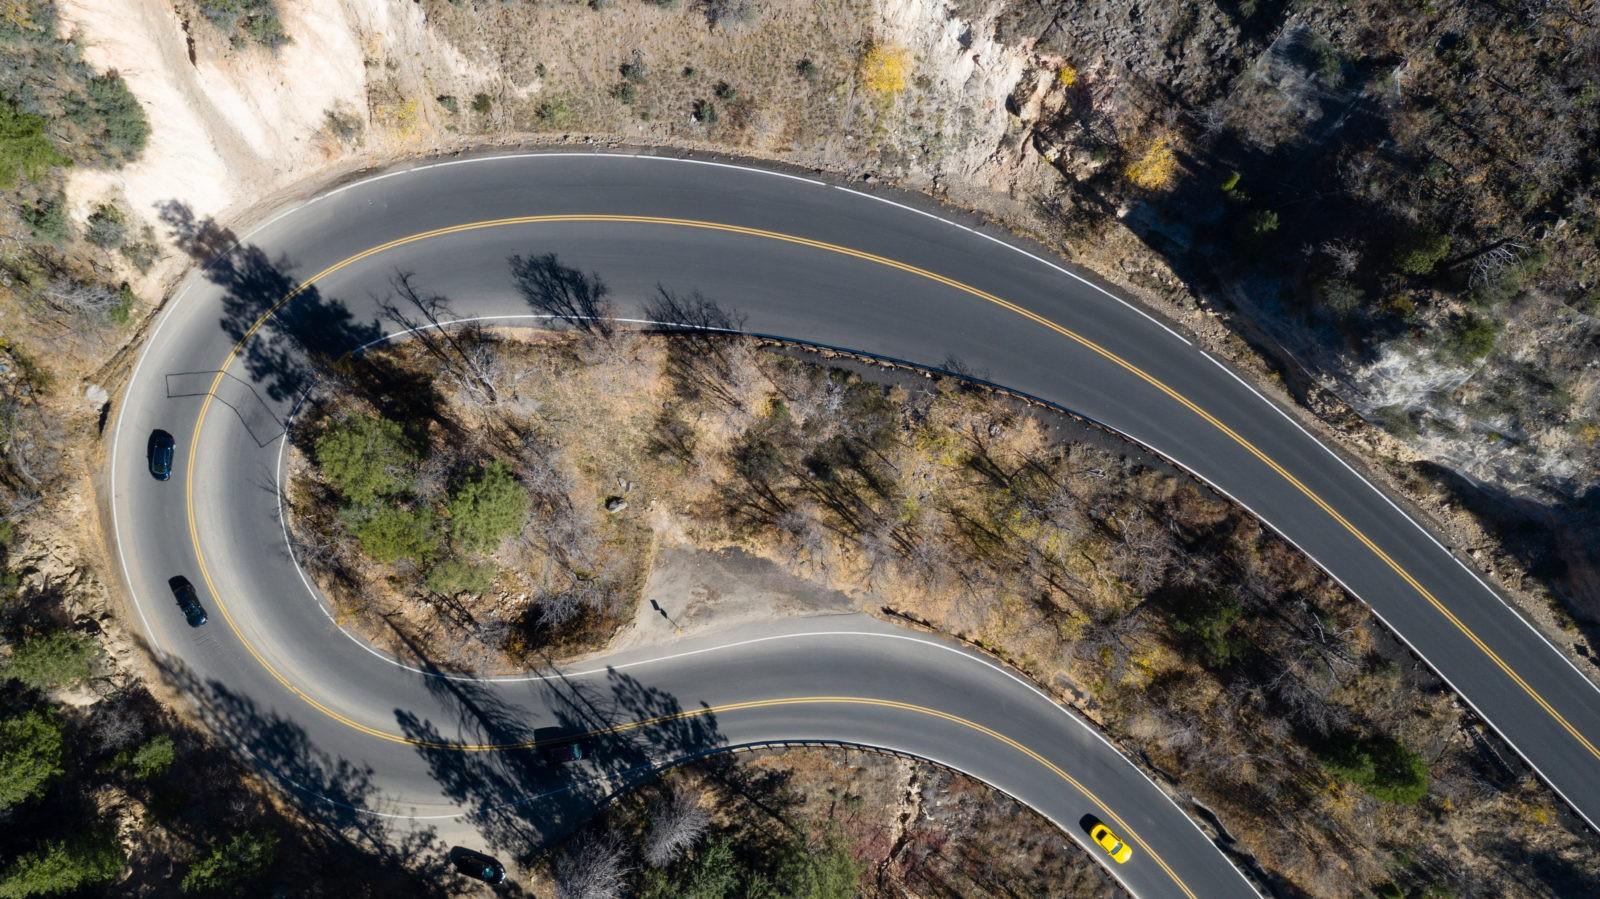 Що змушує будувати дивні, а іноді й божевільні дороги?